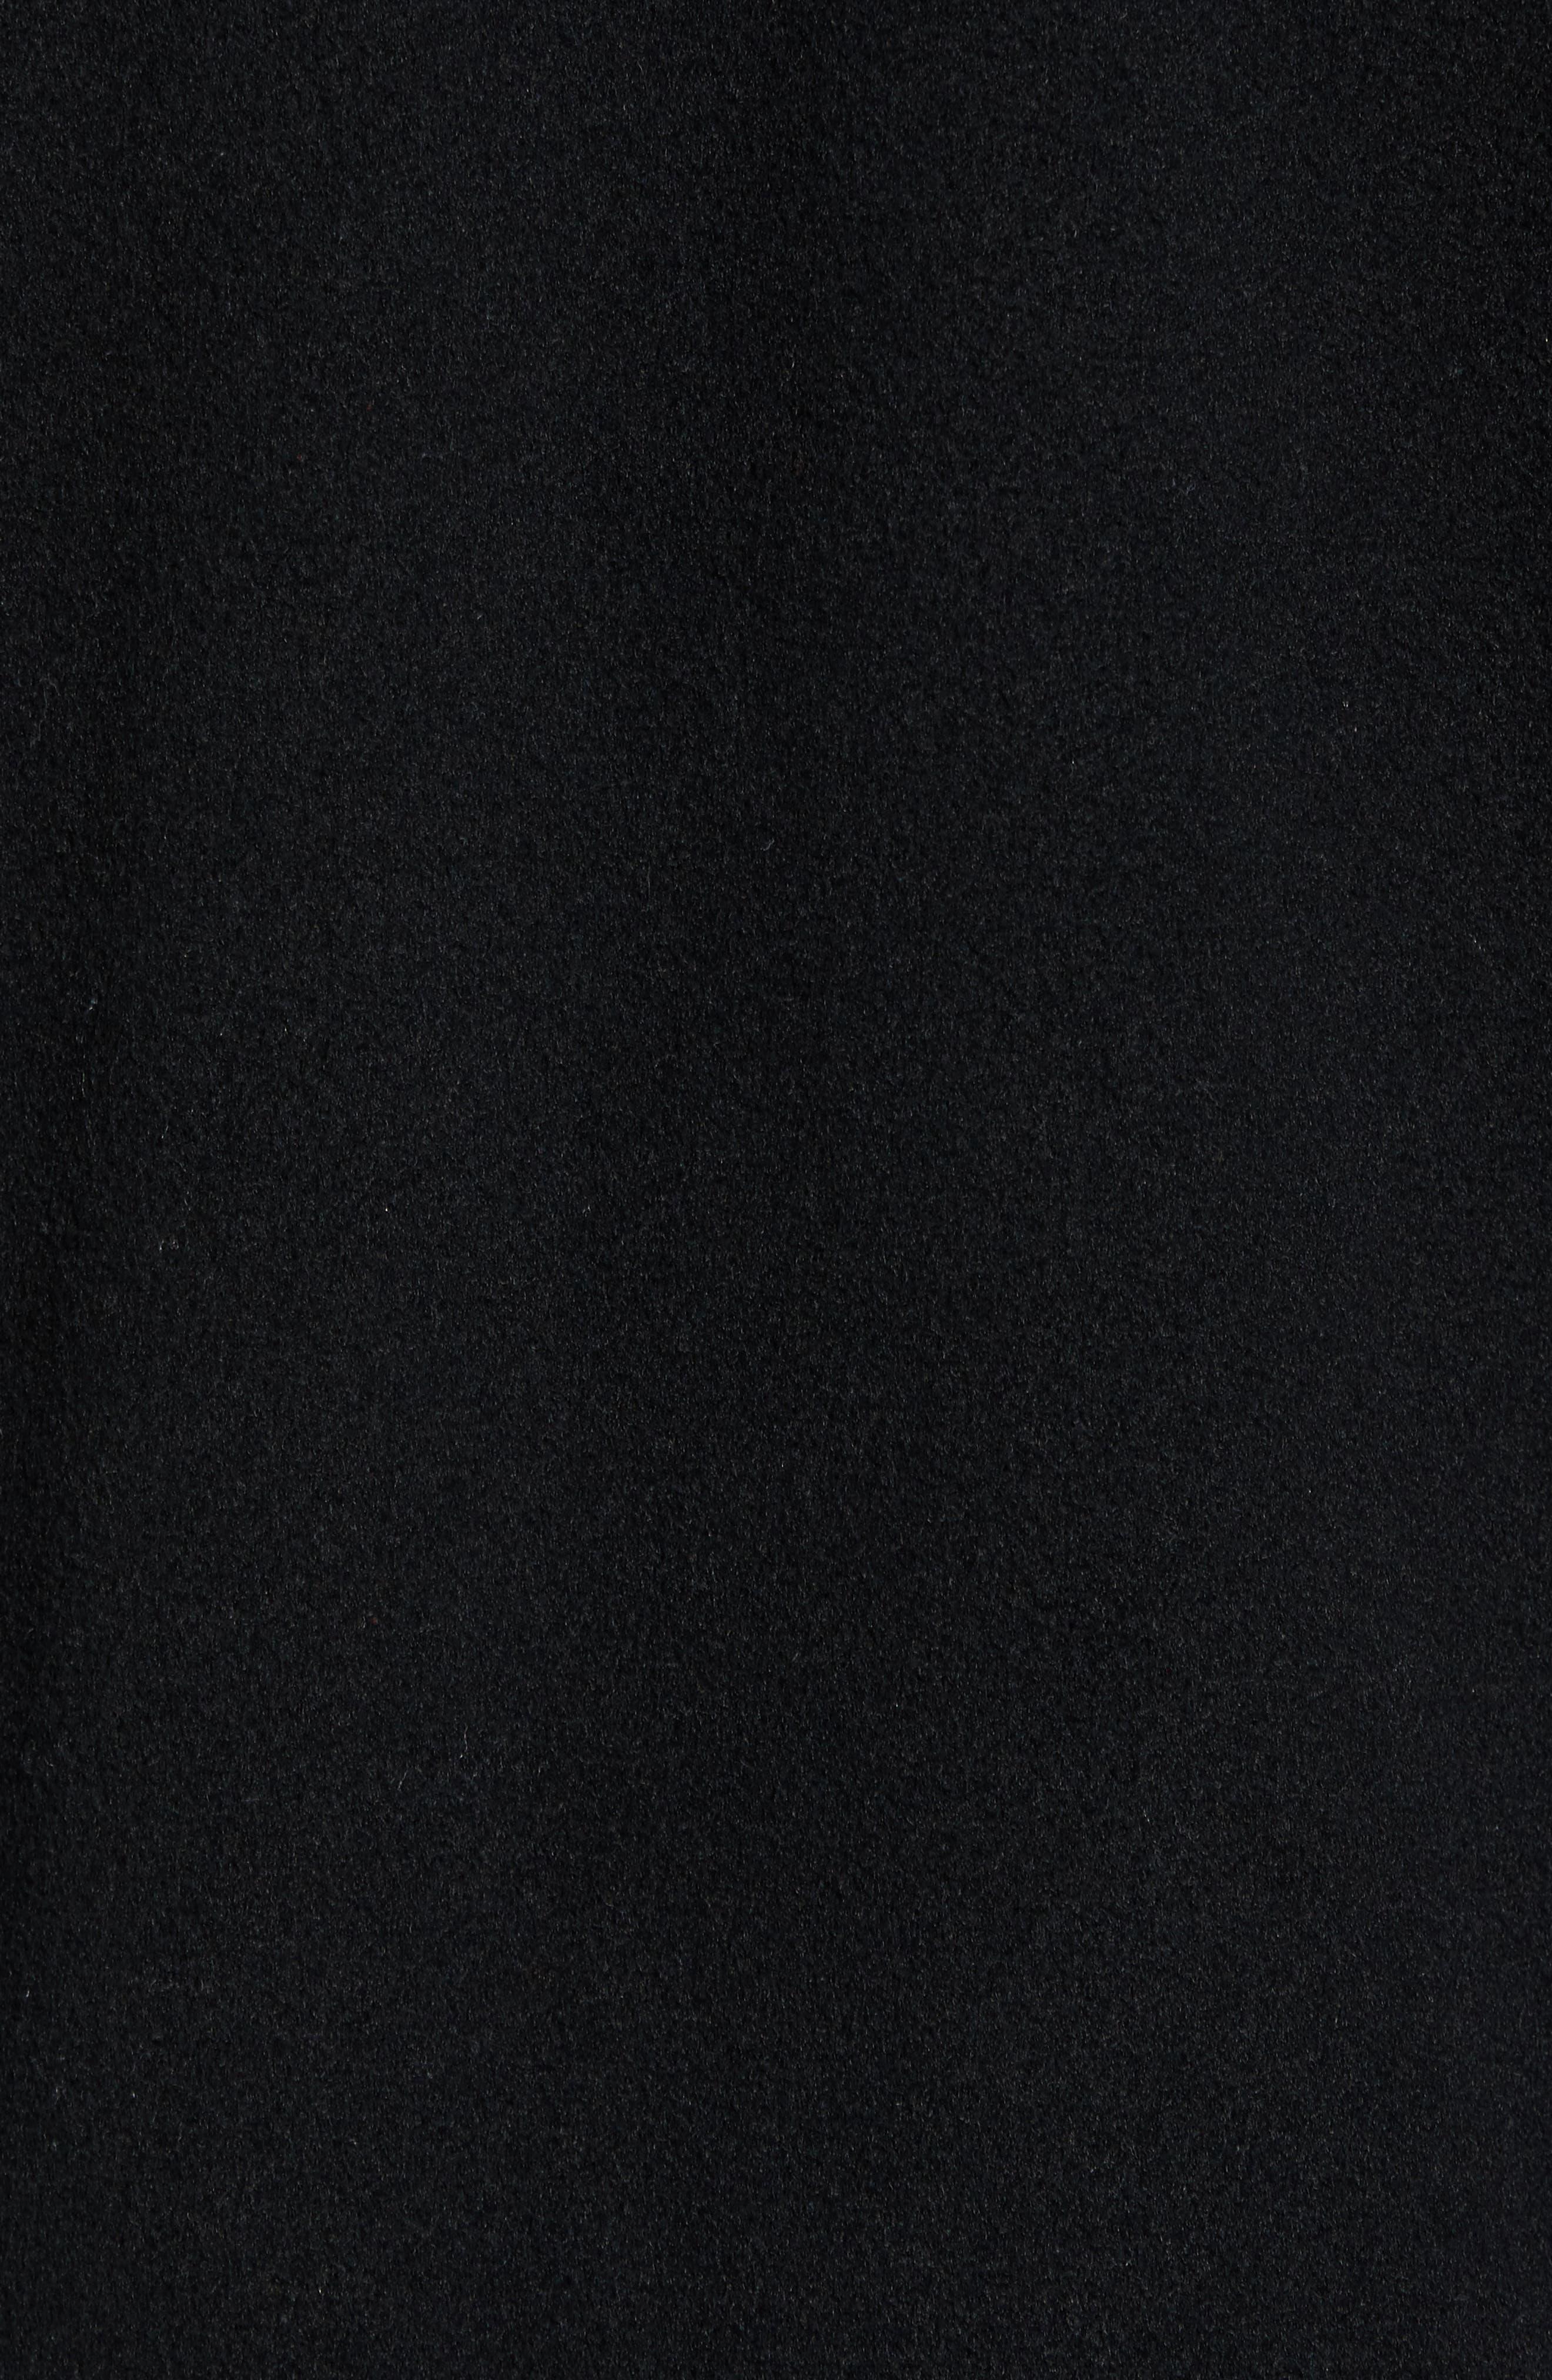 Denali 2 Polartec<sup>®</sup> Fleece Hoodie,                             Alternate thumbnail 5, color,                             001